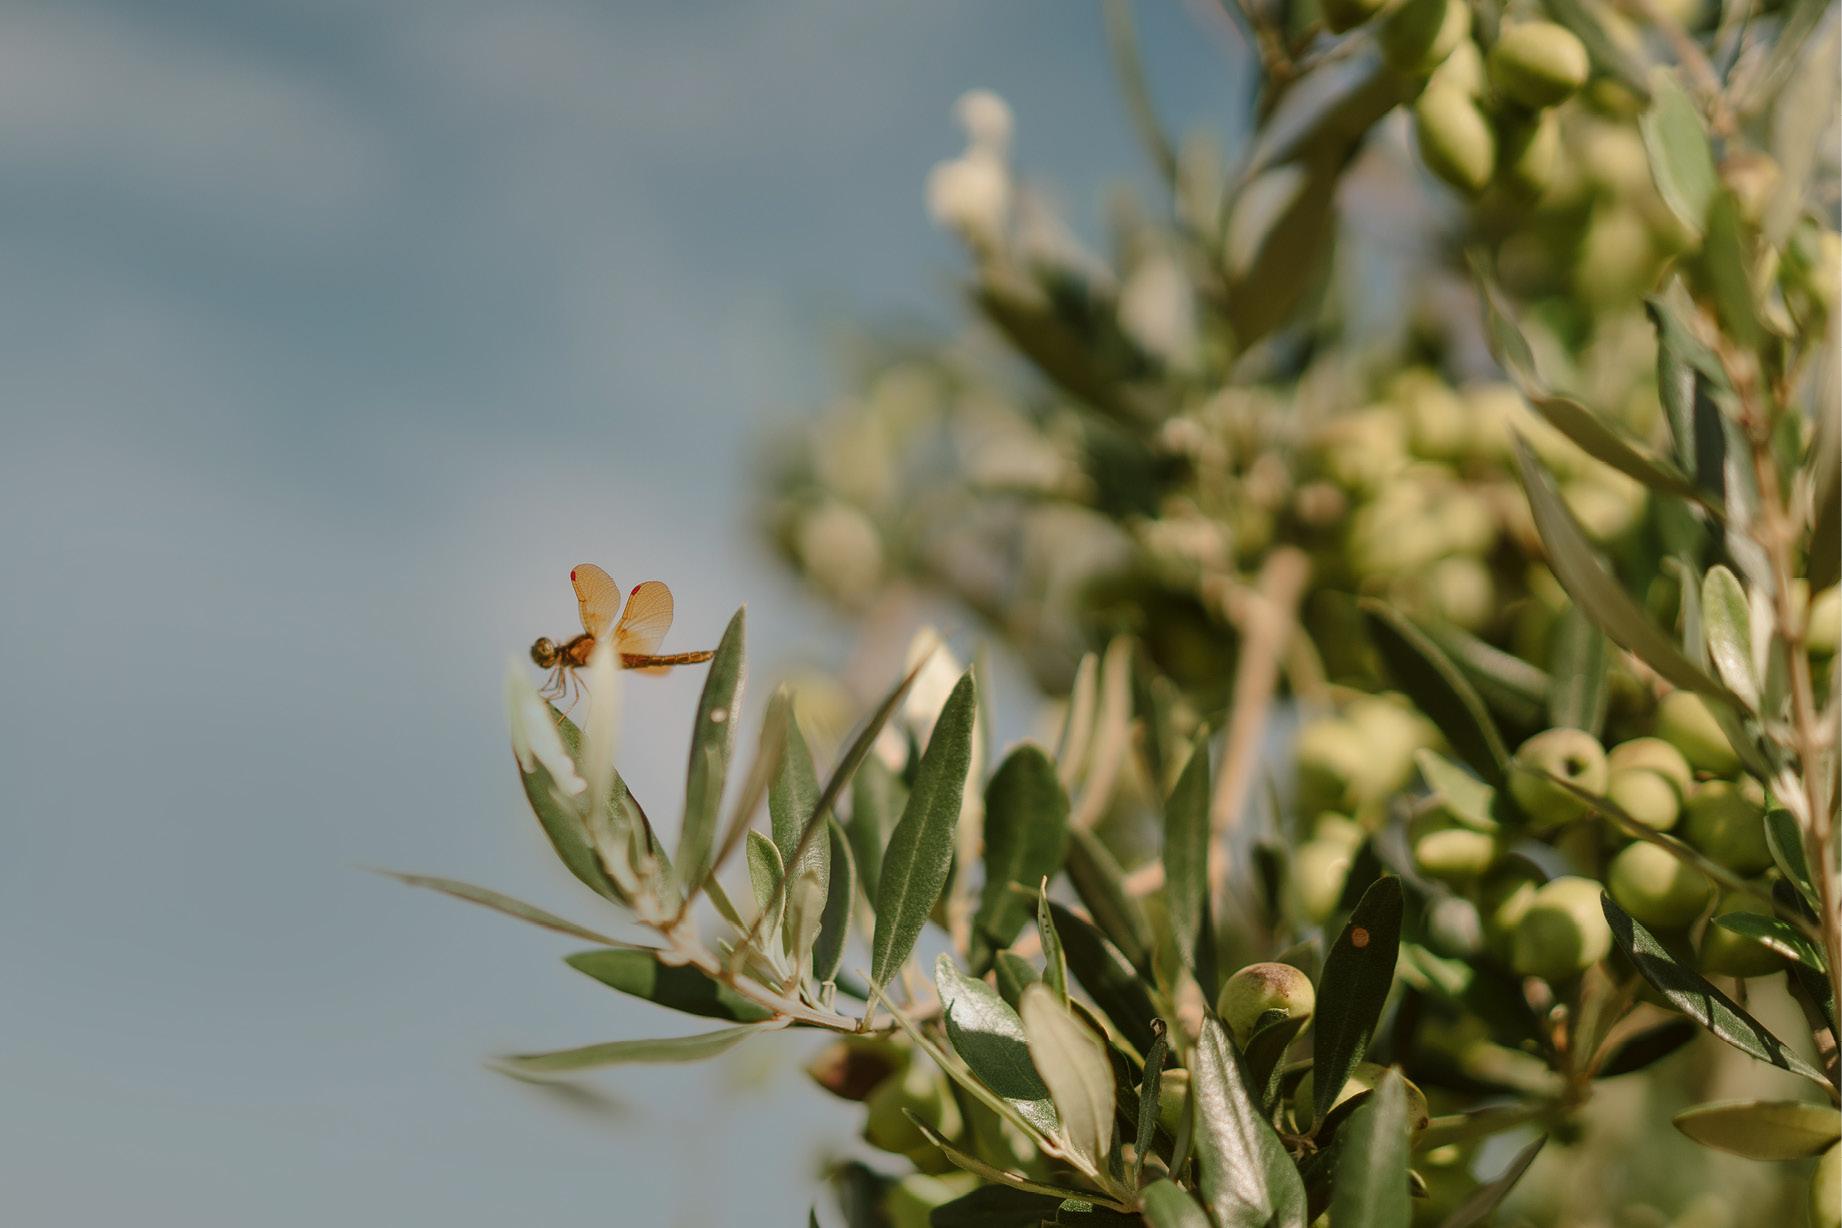 foto de inseto na folha das oliveiras